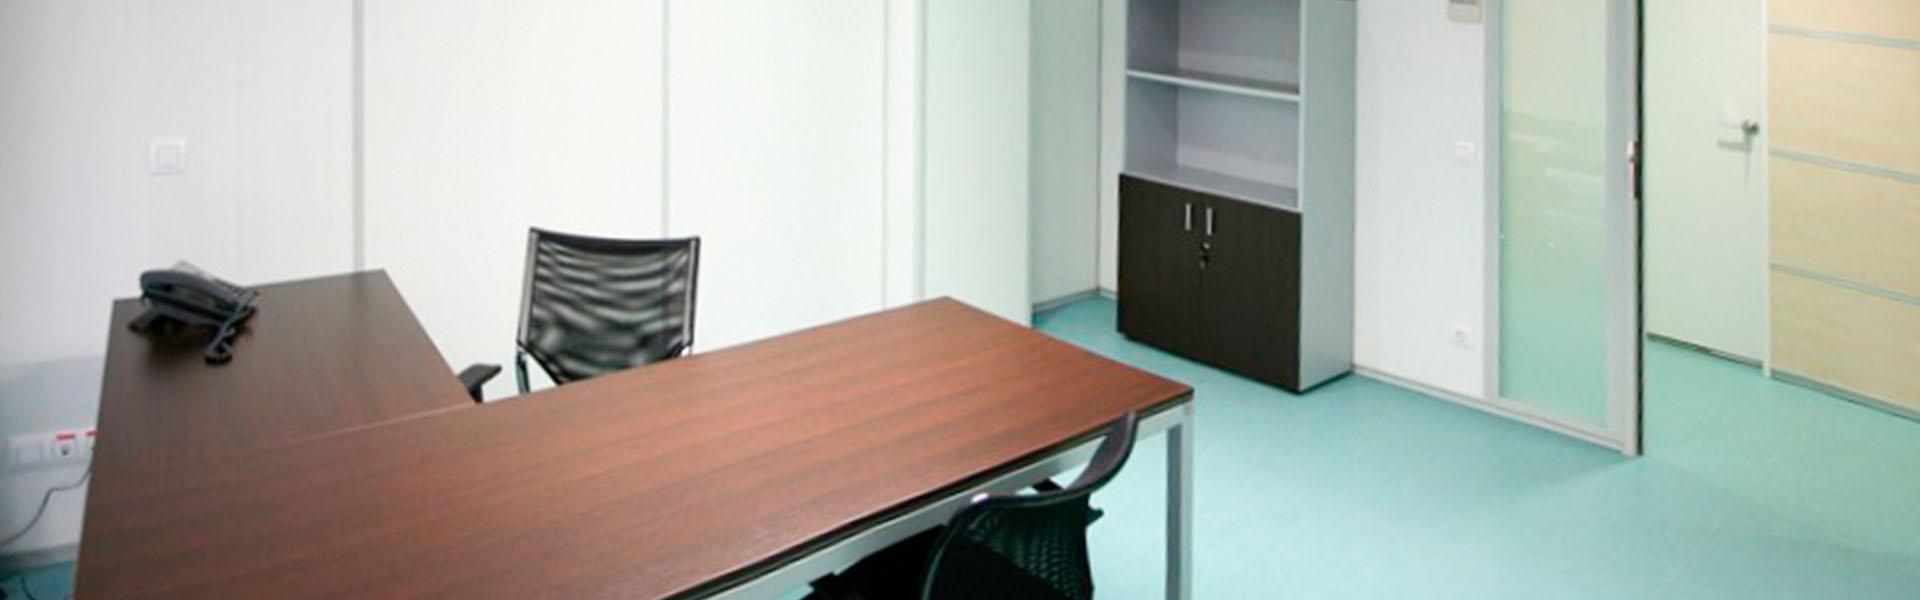 Alquiler de despachos for Oficinas y despachos valencia